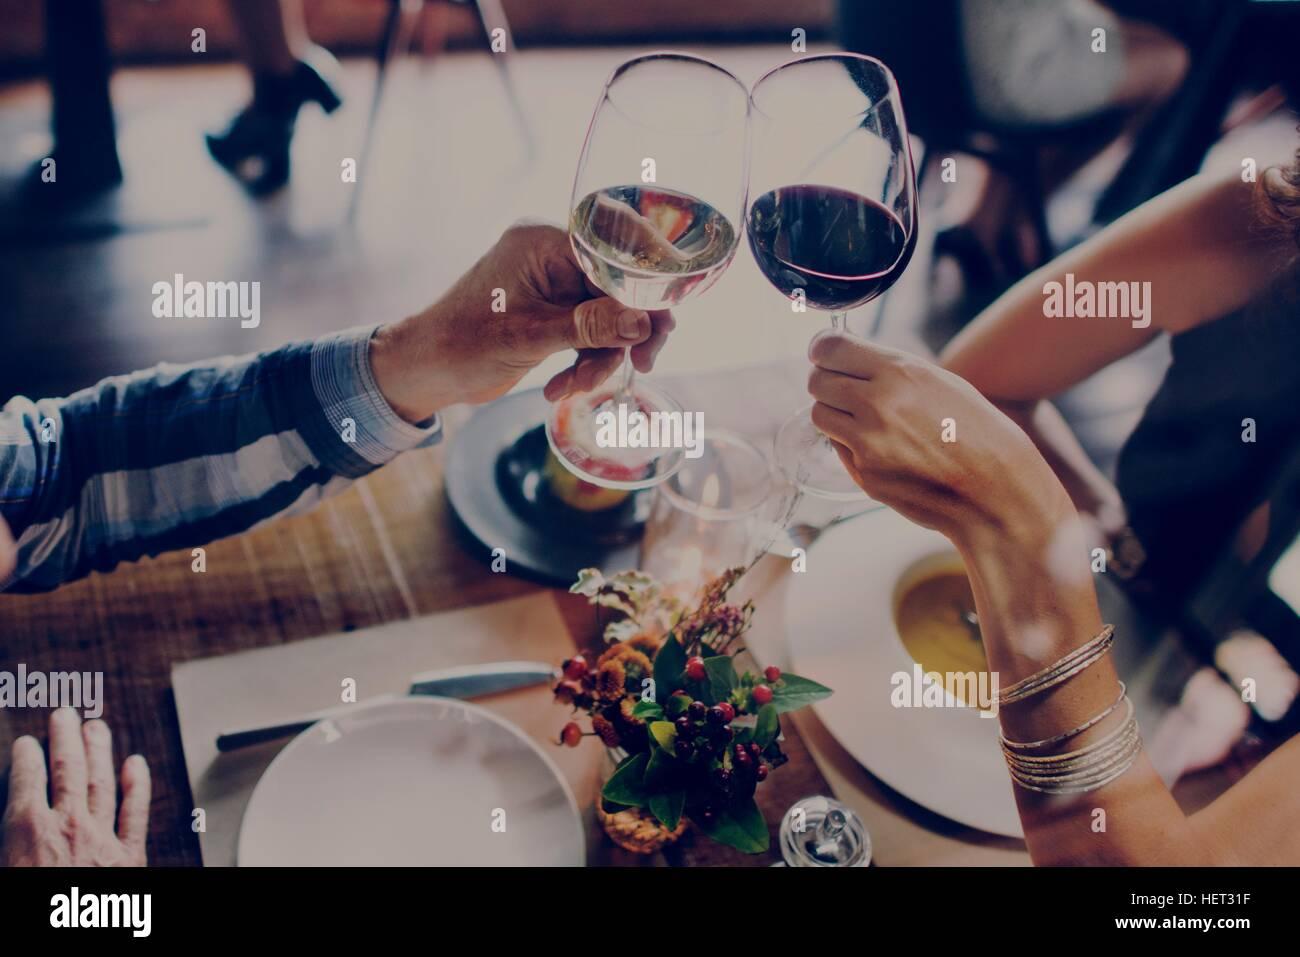 La gente parte Dating celebrazione bevande Cheers Concetto di felicità Immagini Stock